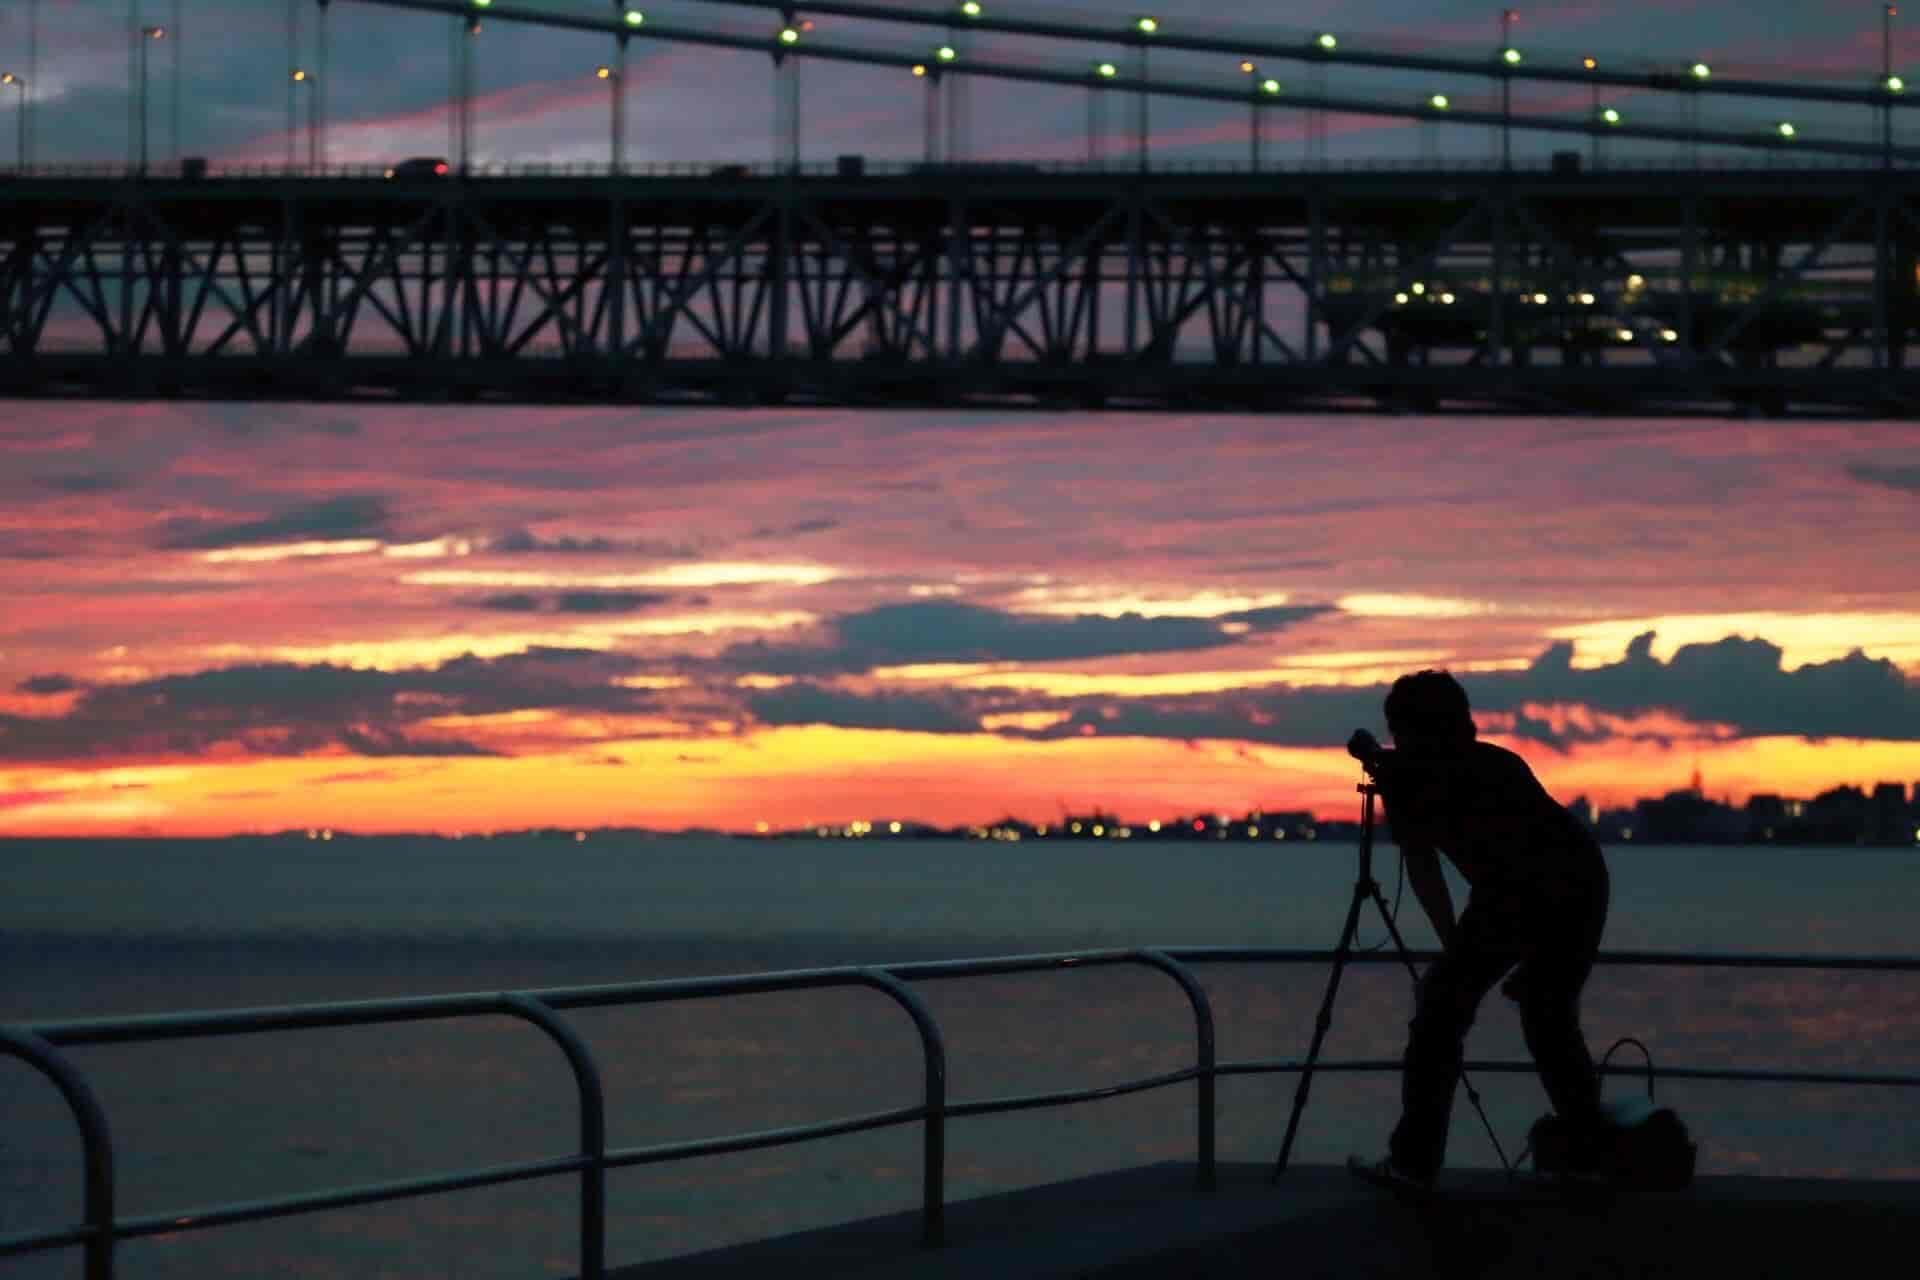 ラブ探偵事務所と他社の千葉県大網白里市での夜間暗視撮影